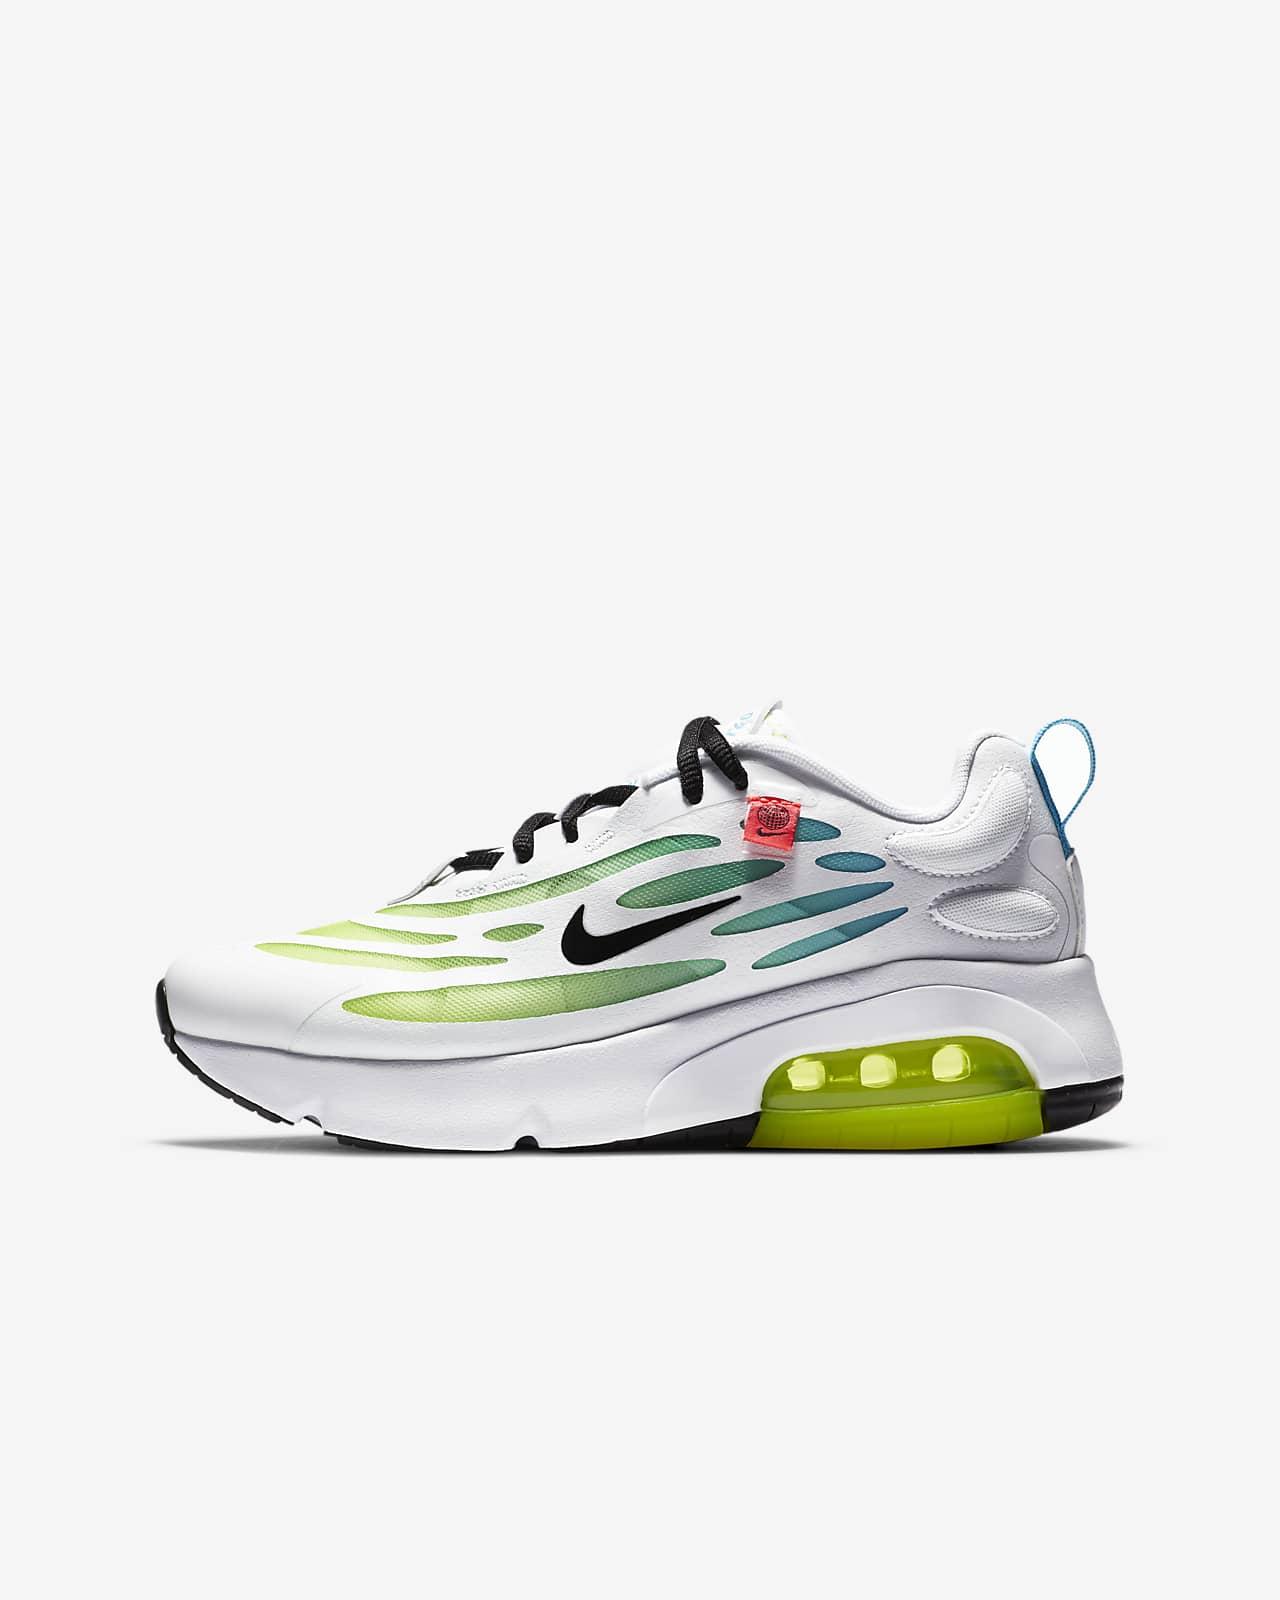 Παπούτσι Nike Air Max Exosense SE για μεγάλα παιδιά